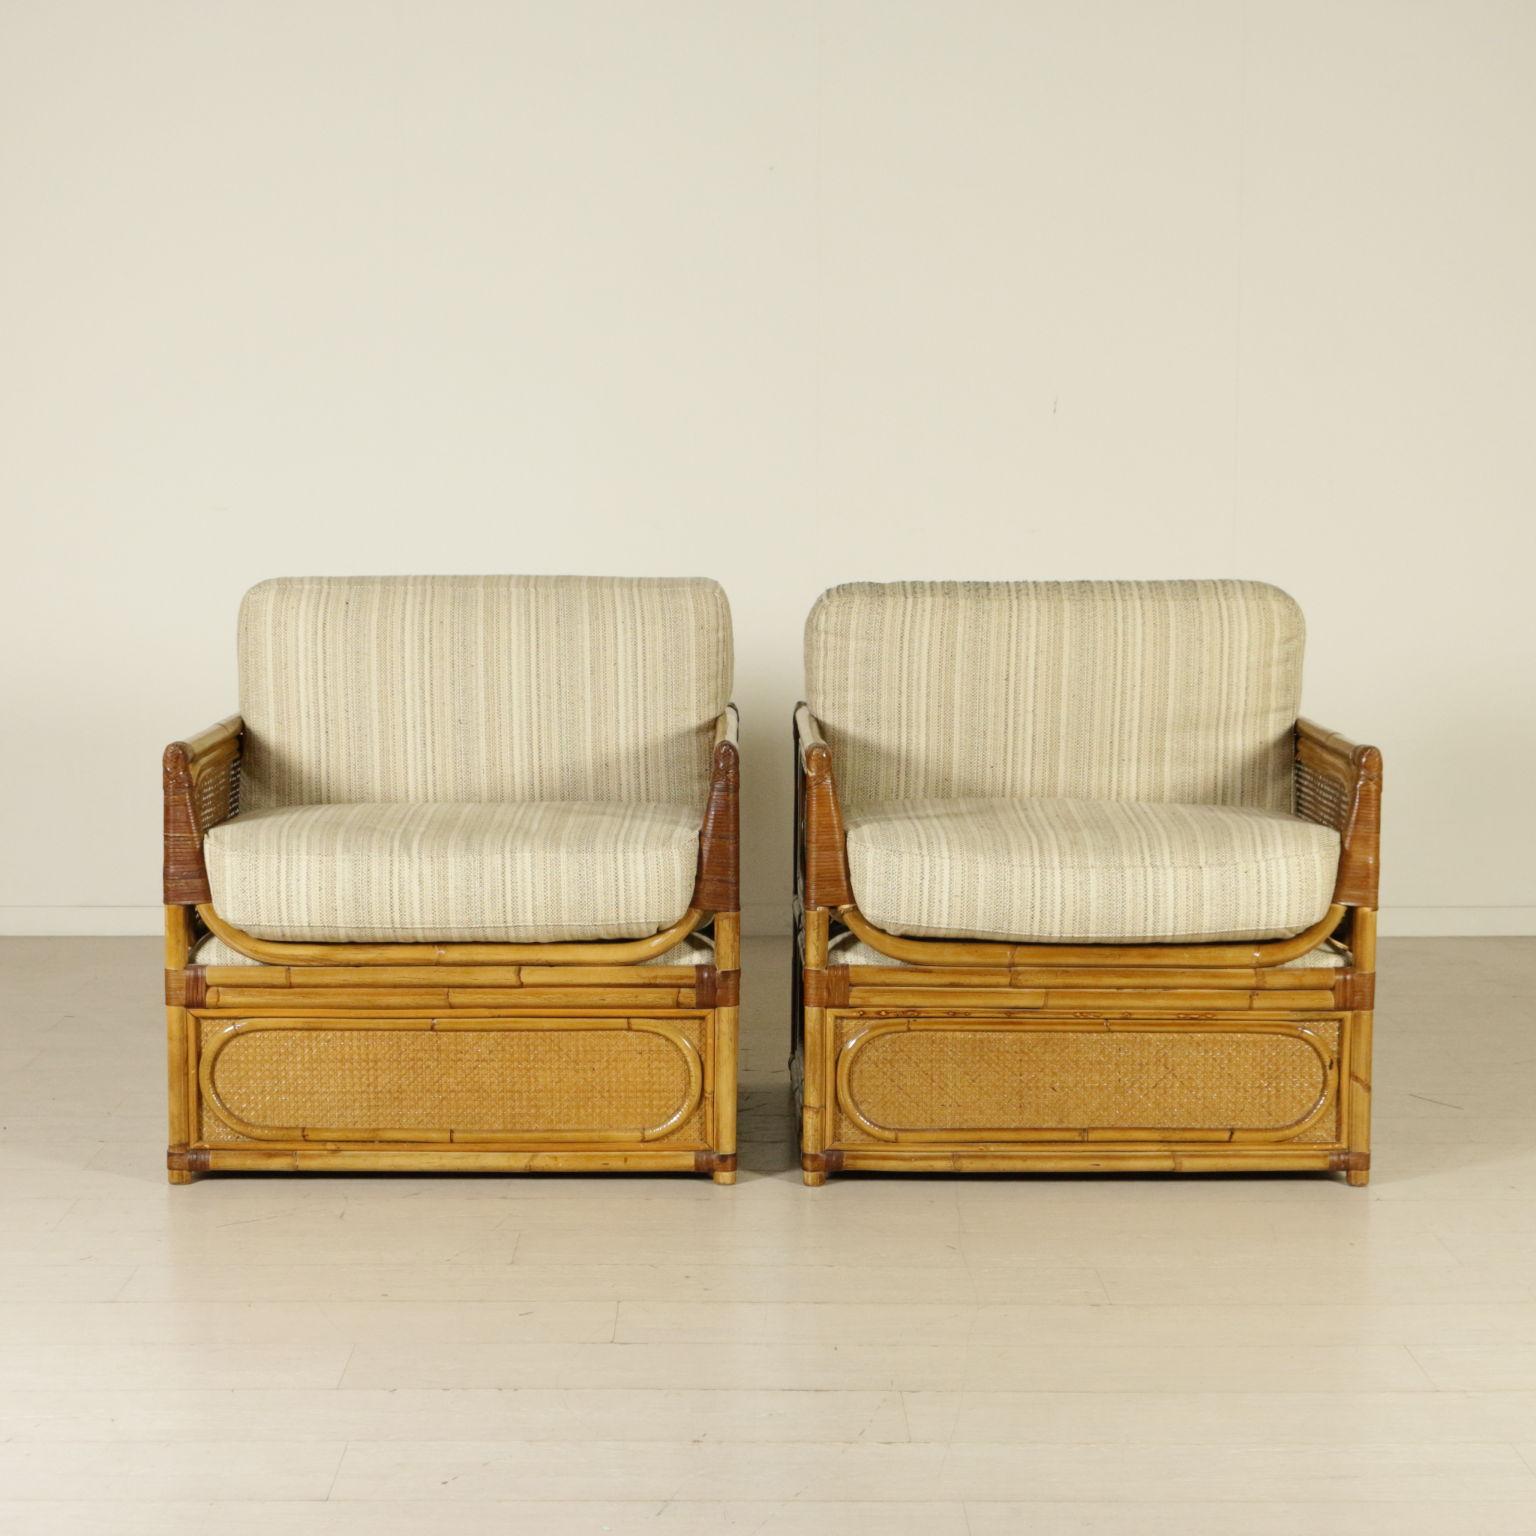 Sillones de bamb sillones dise o moderno - Sillones de bambu ...